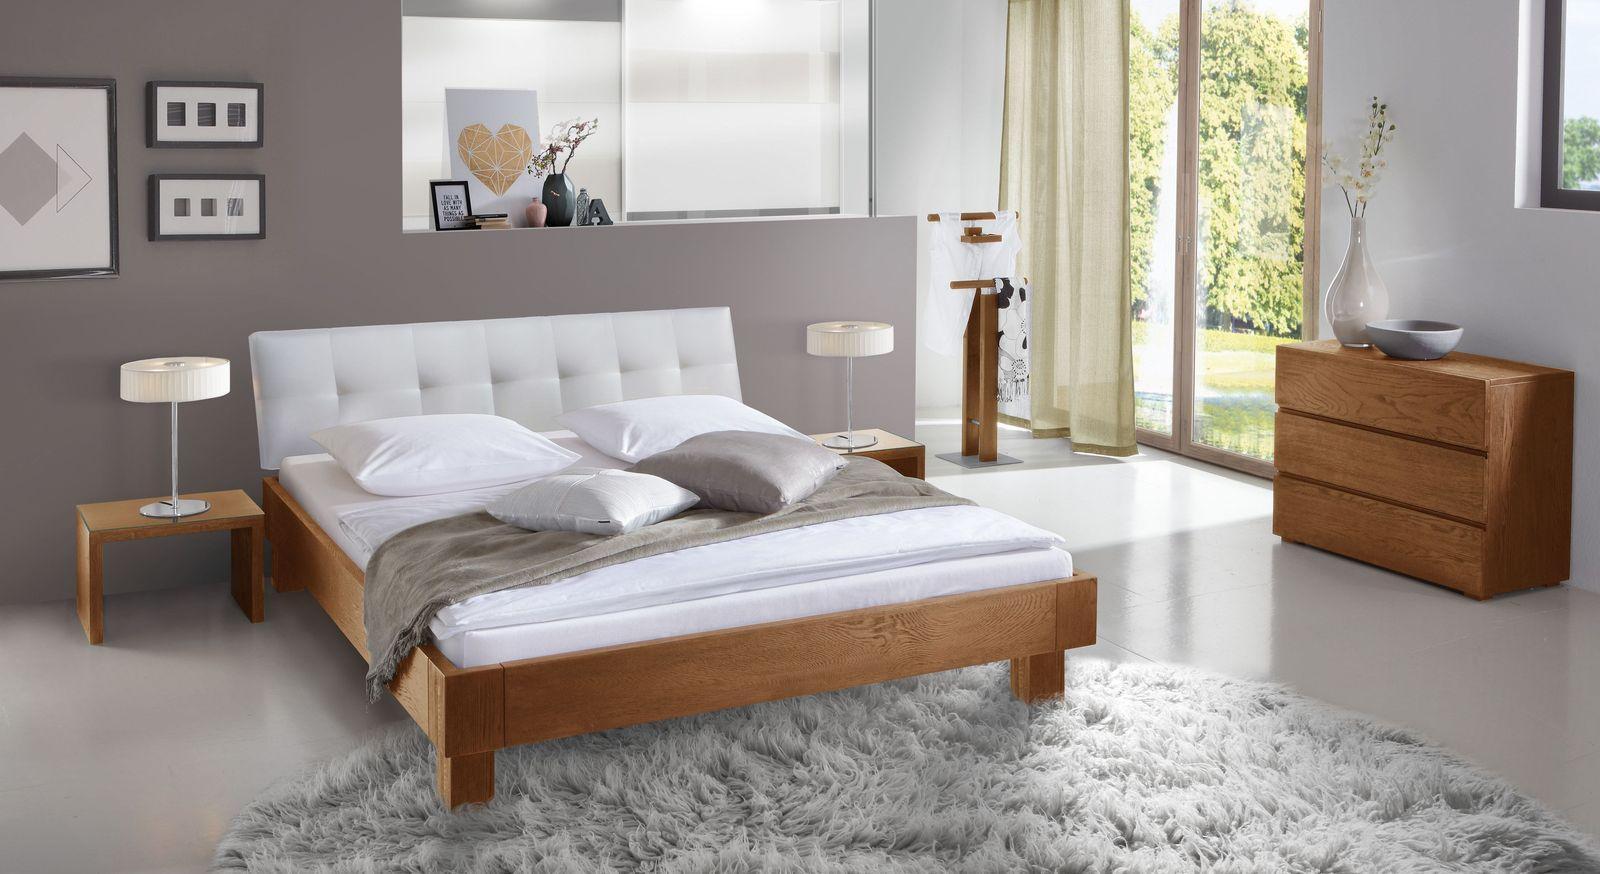 Bett Faro mit passender Schlafzimmer-Ausstattung